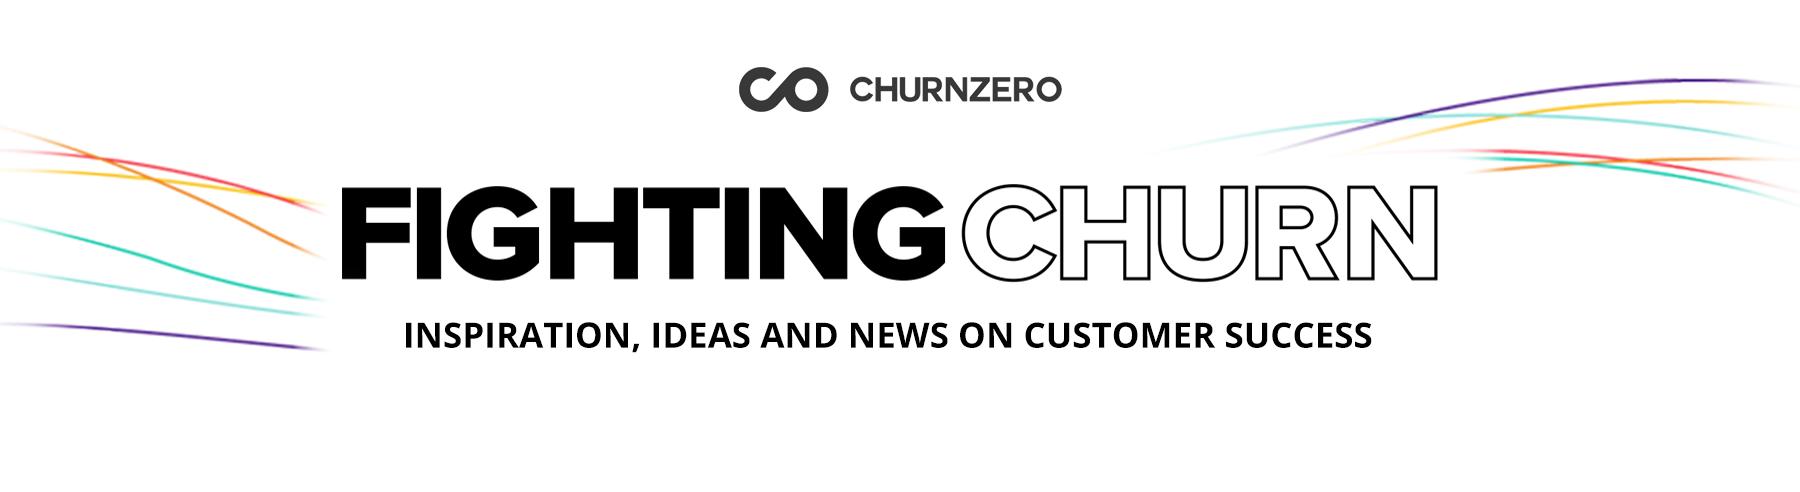 CZ_Newsletter_Header_Prospect